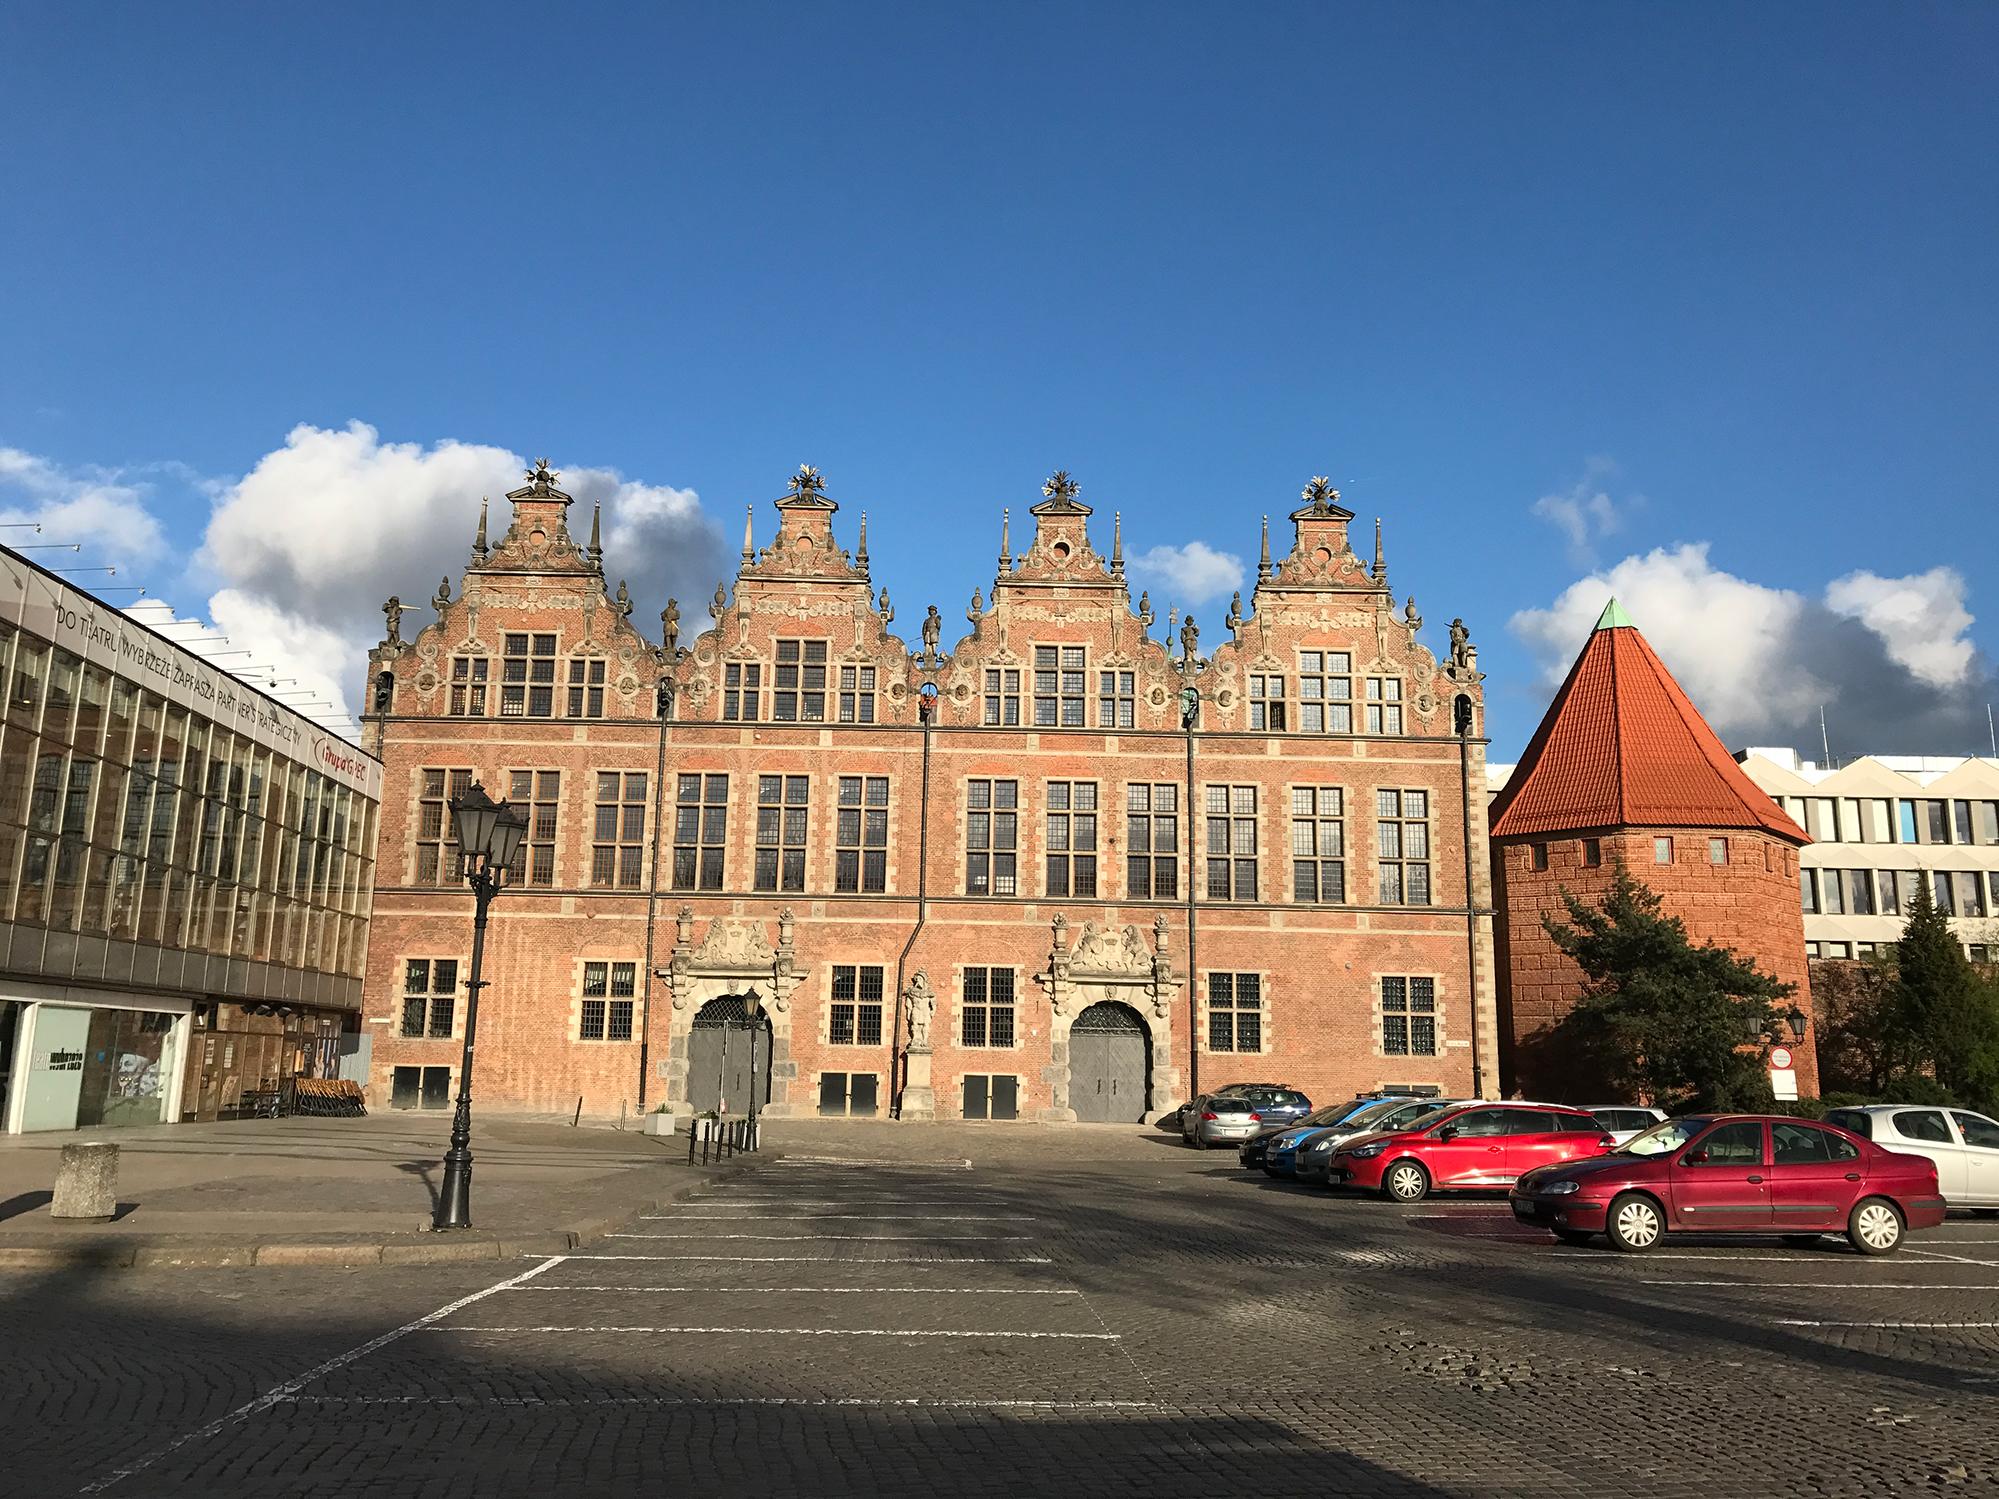 Wielka Zbrojownia (Great Armoury), Gdańsk